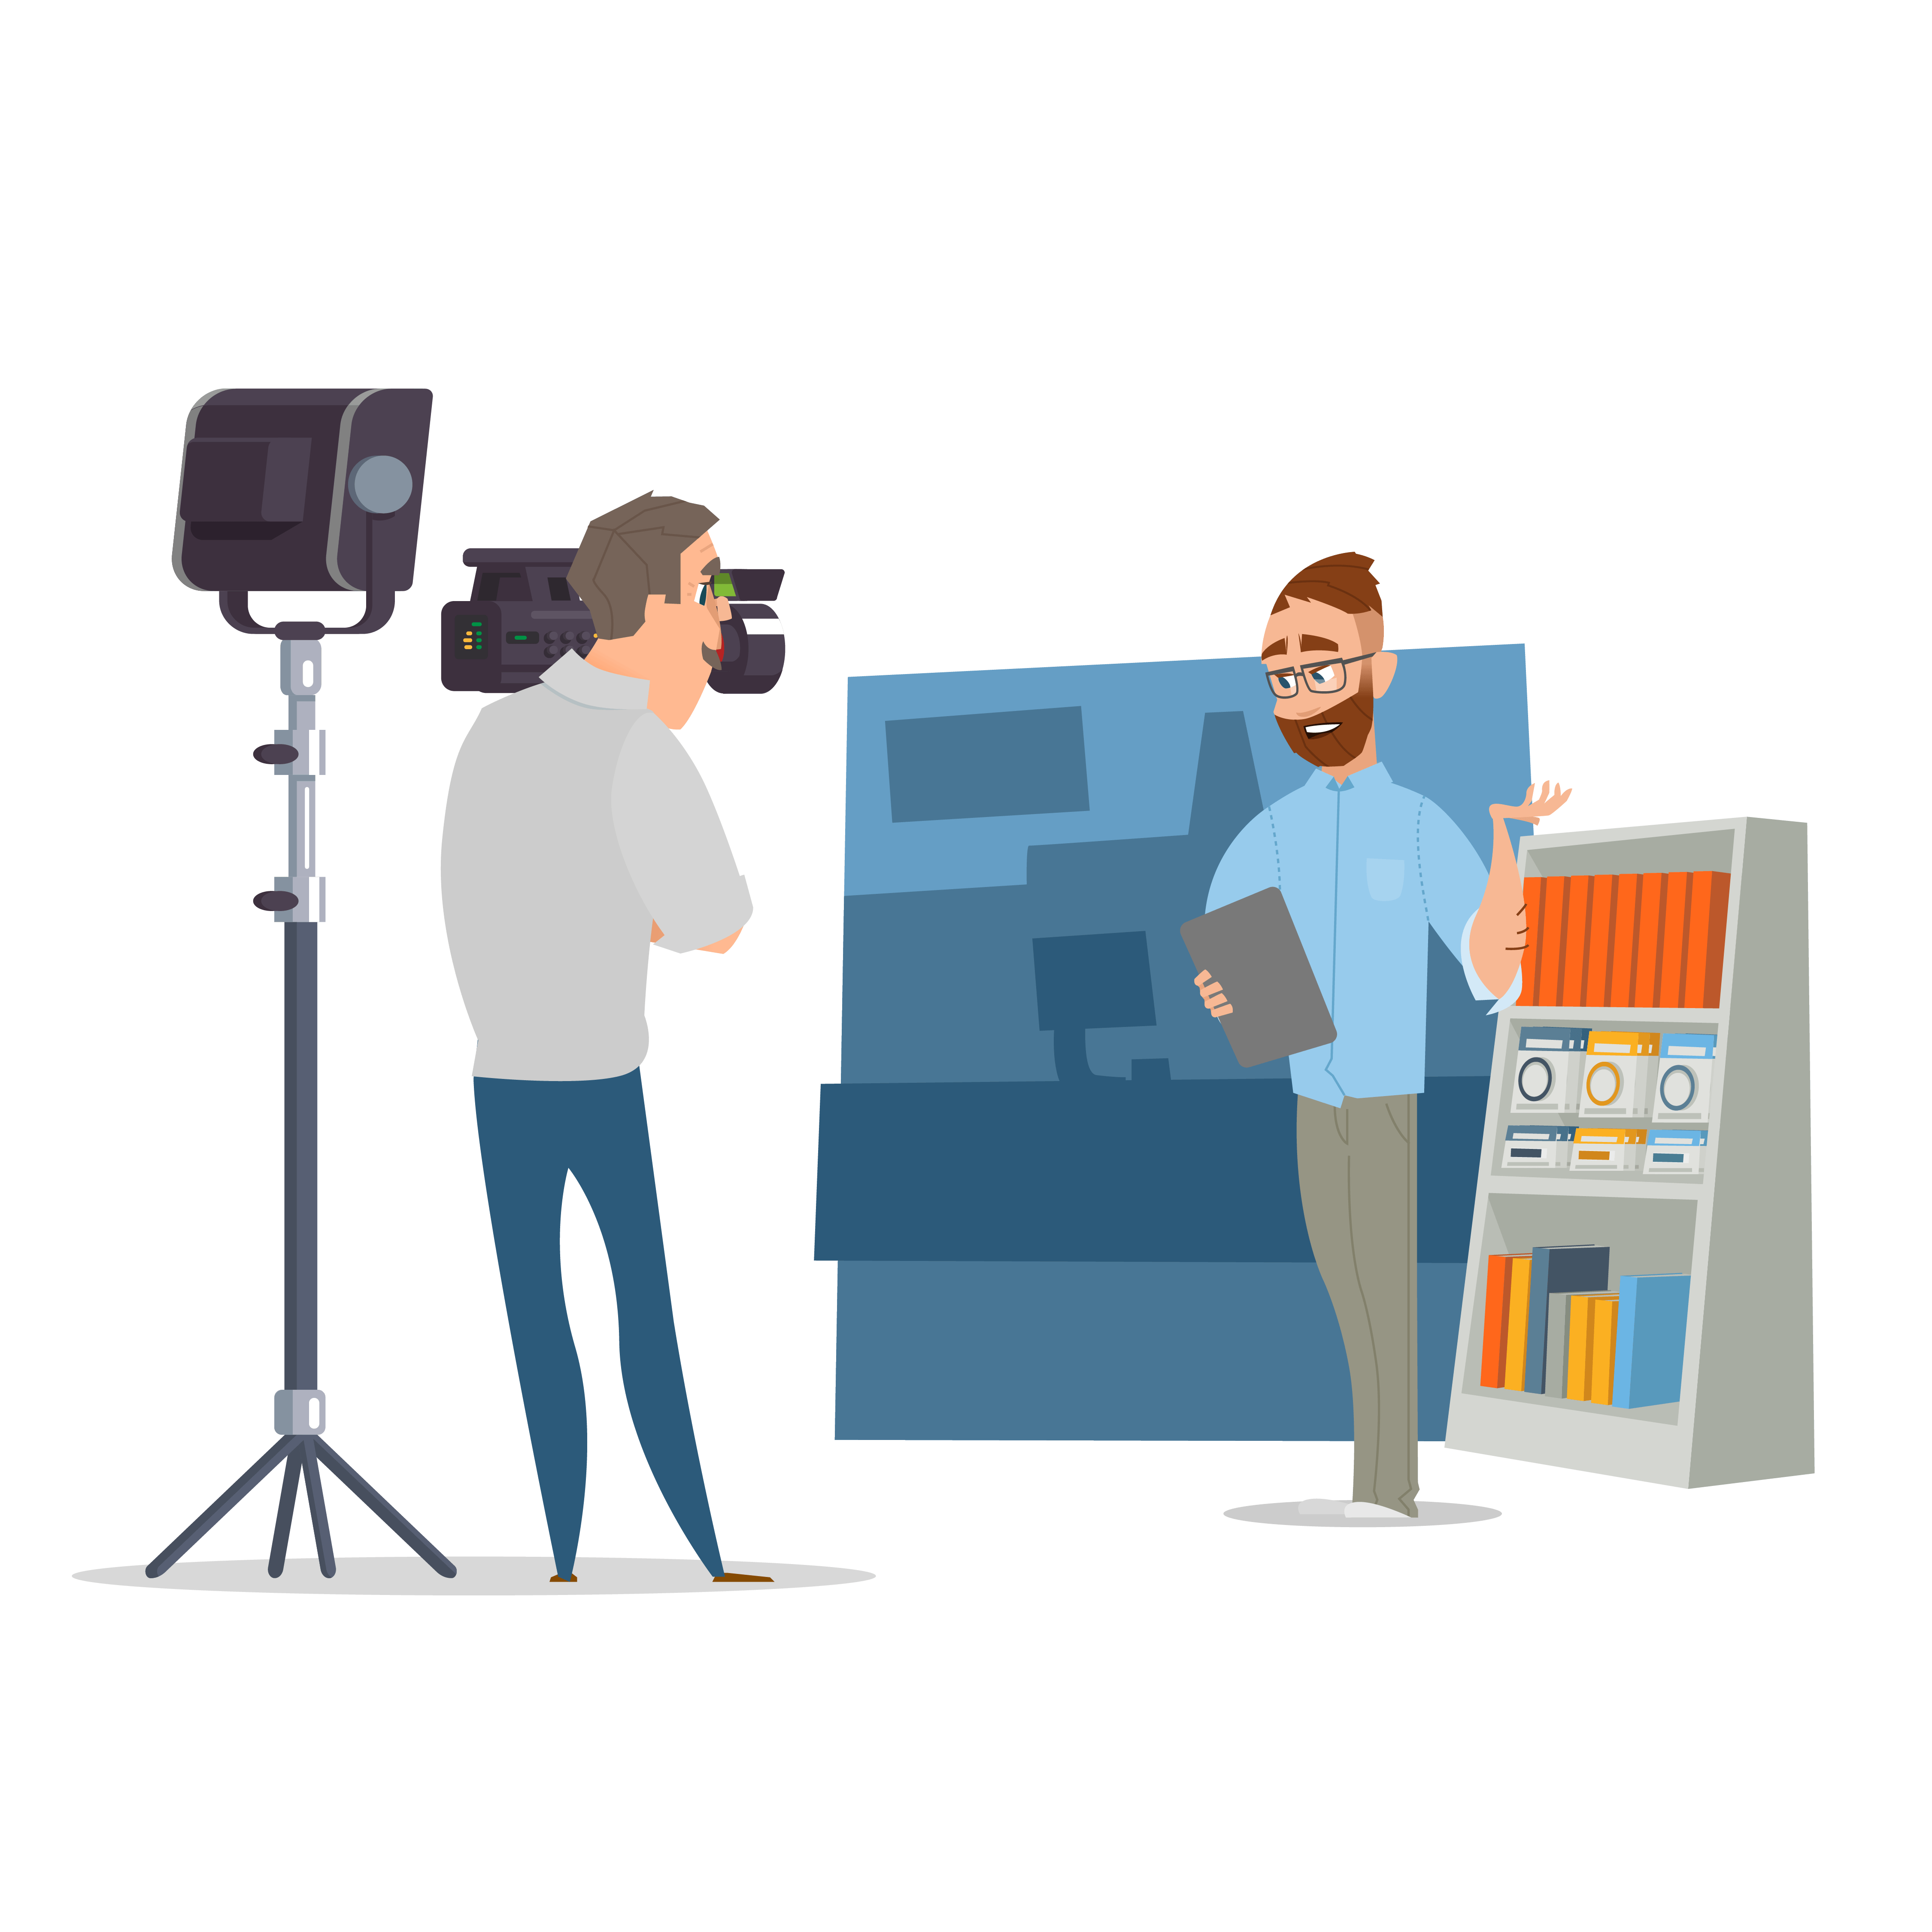 CnctMkth-WebIllustration_rev A3_2021-03-05